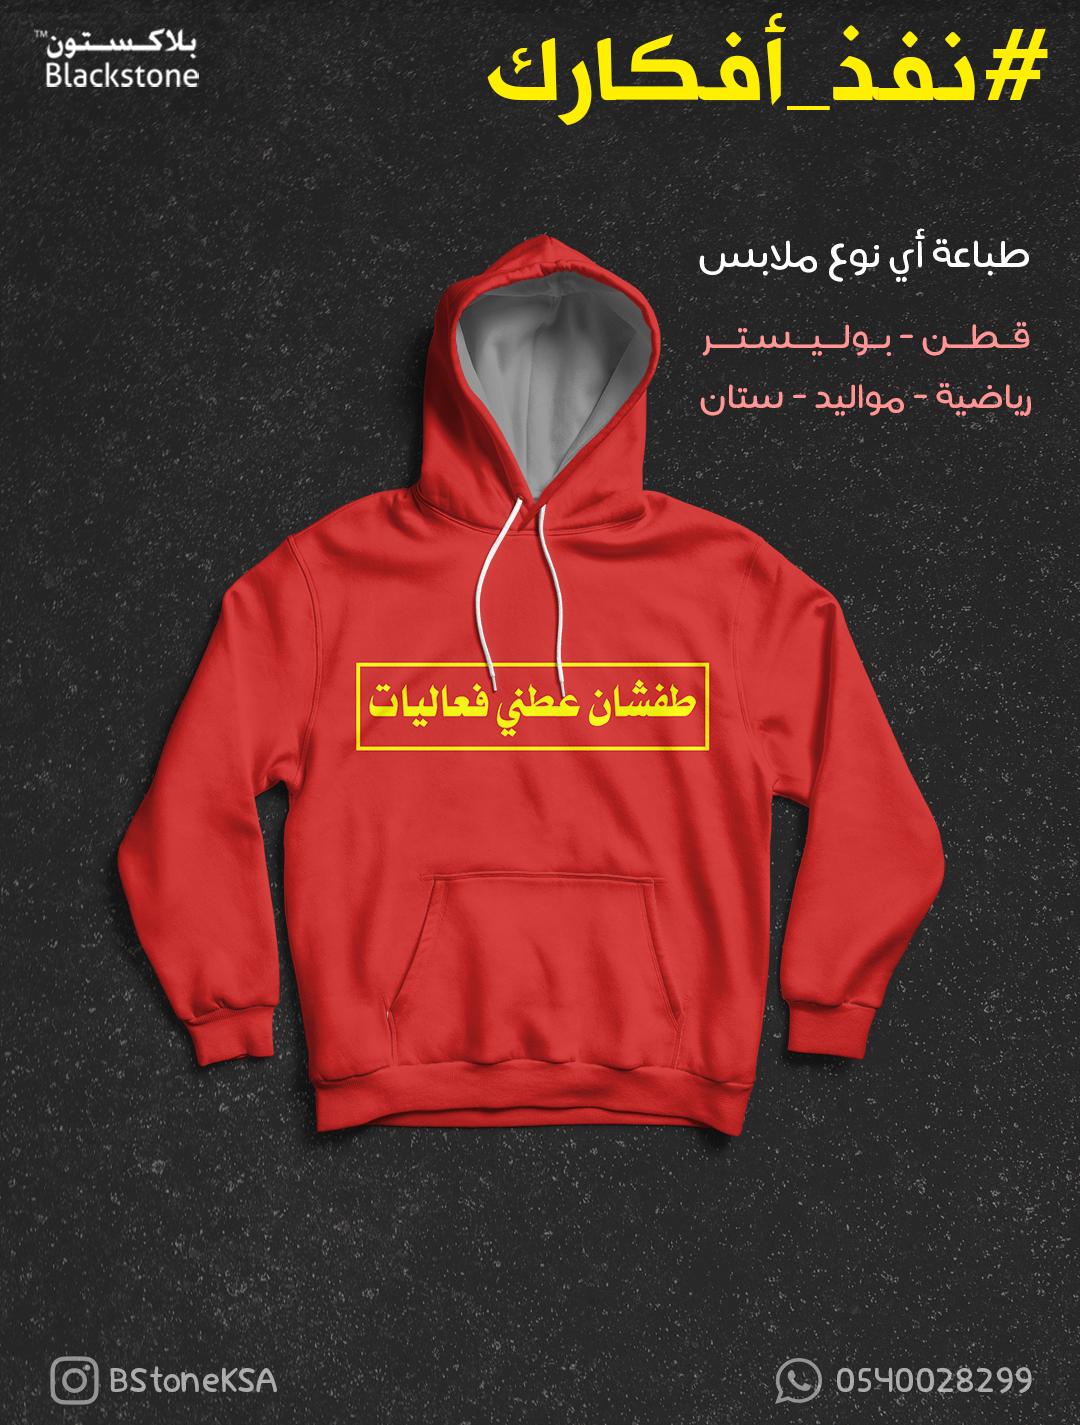 تصميم و دعاية و طباعة و اعلان مقرنا في الرياض وتوصيل لأهلنا في كل منطقة في المملكة طباعة على كل شيء وكل الخامات Sweatshirts Hoodies Photo And Video